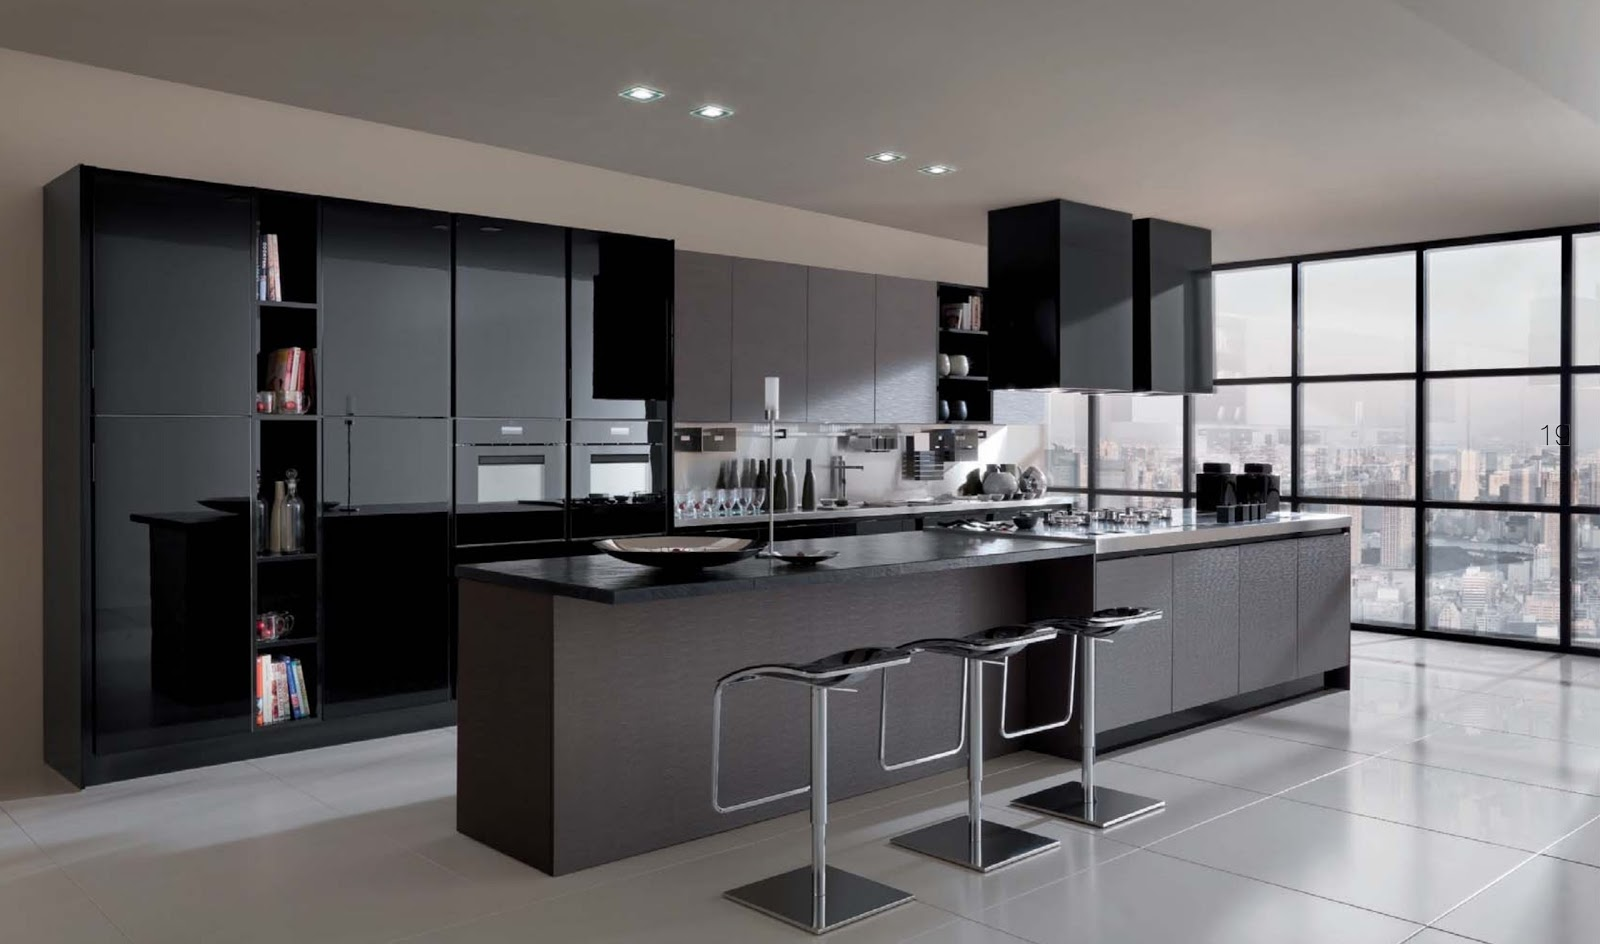 Dise o de interiores ram n mart marzo 2011 for Ver cocinas modernas precios